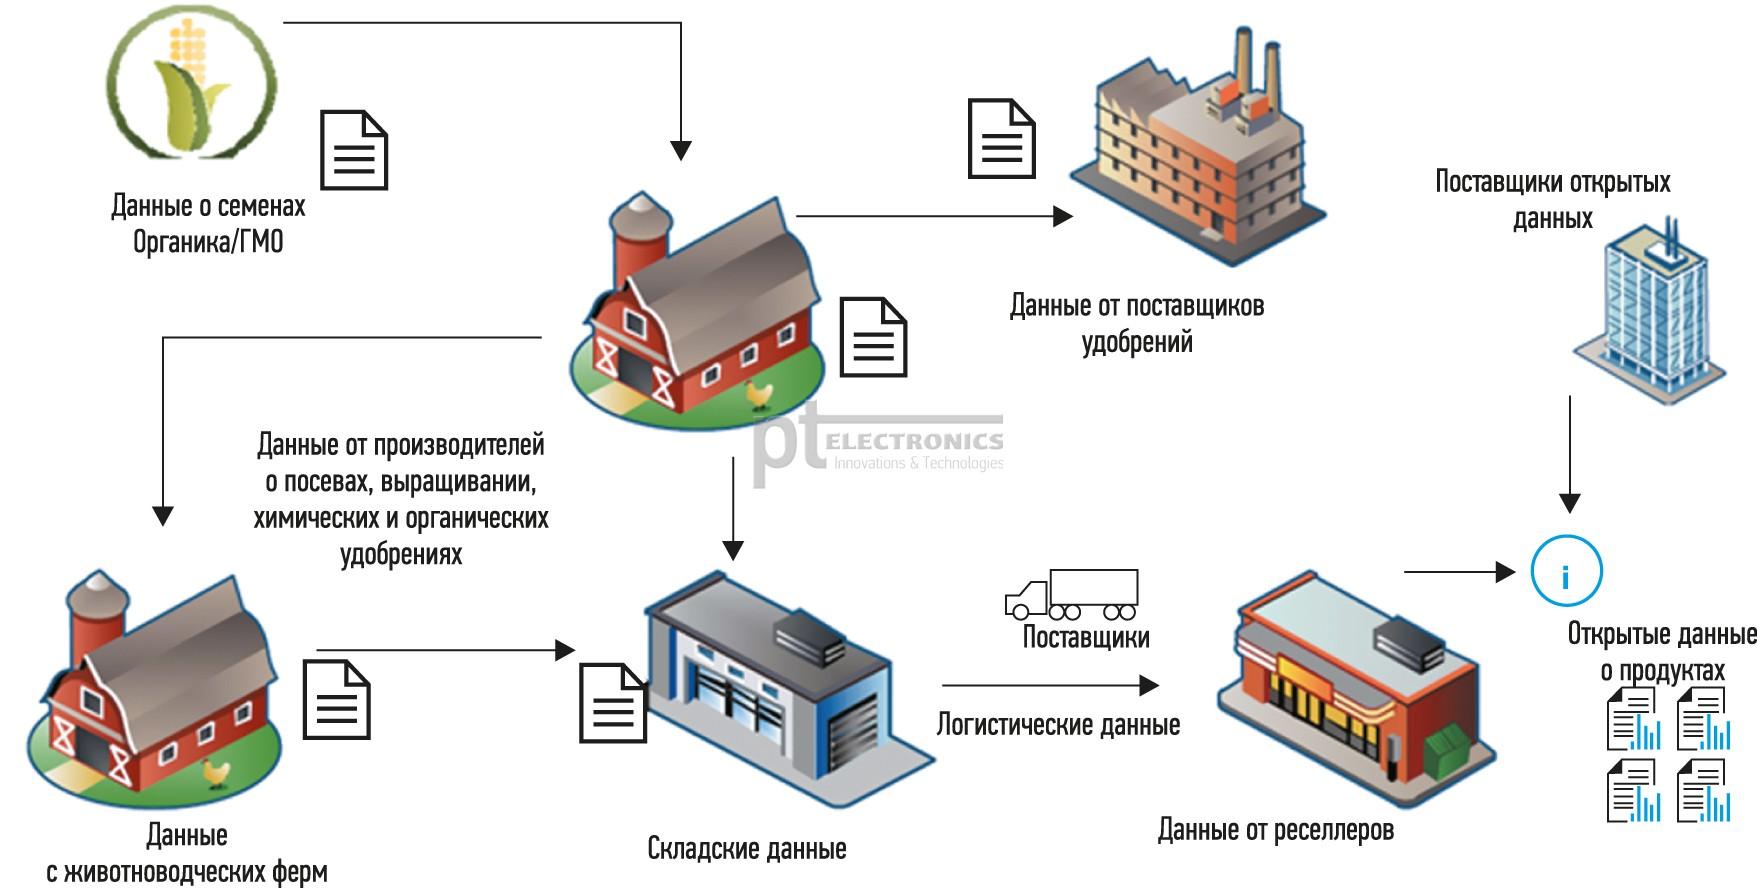 Безопасность производства и продуктов